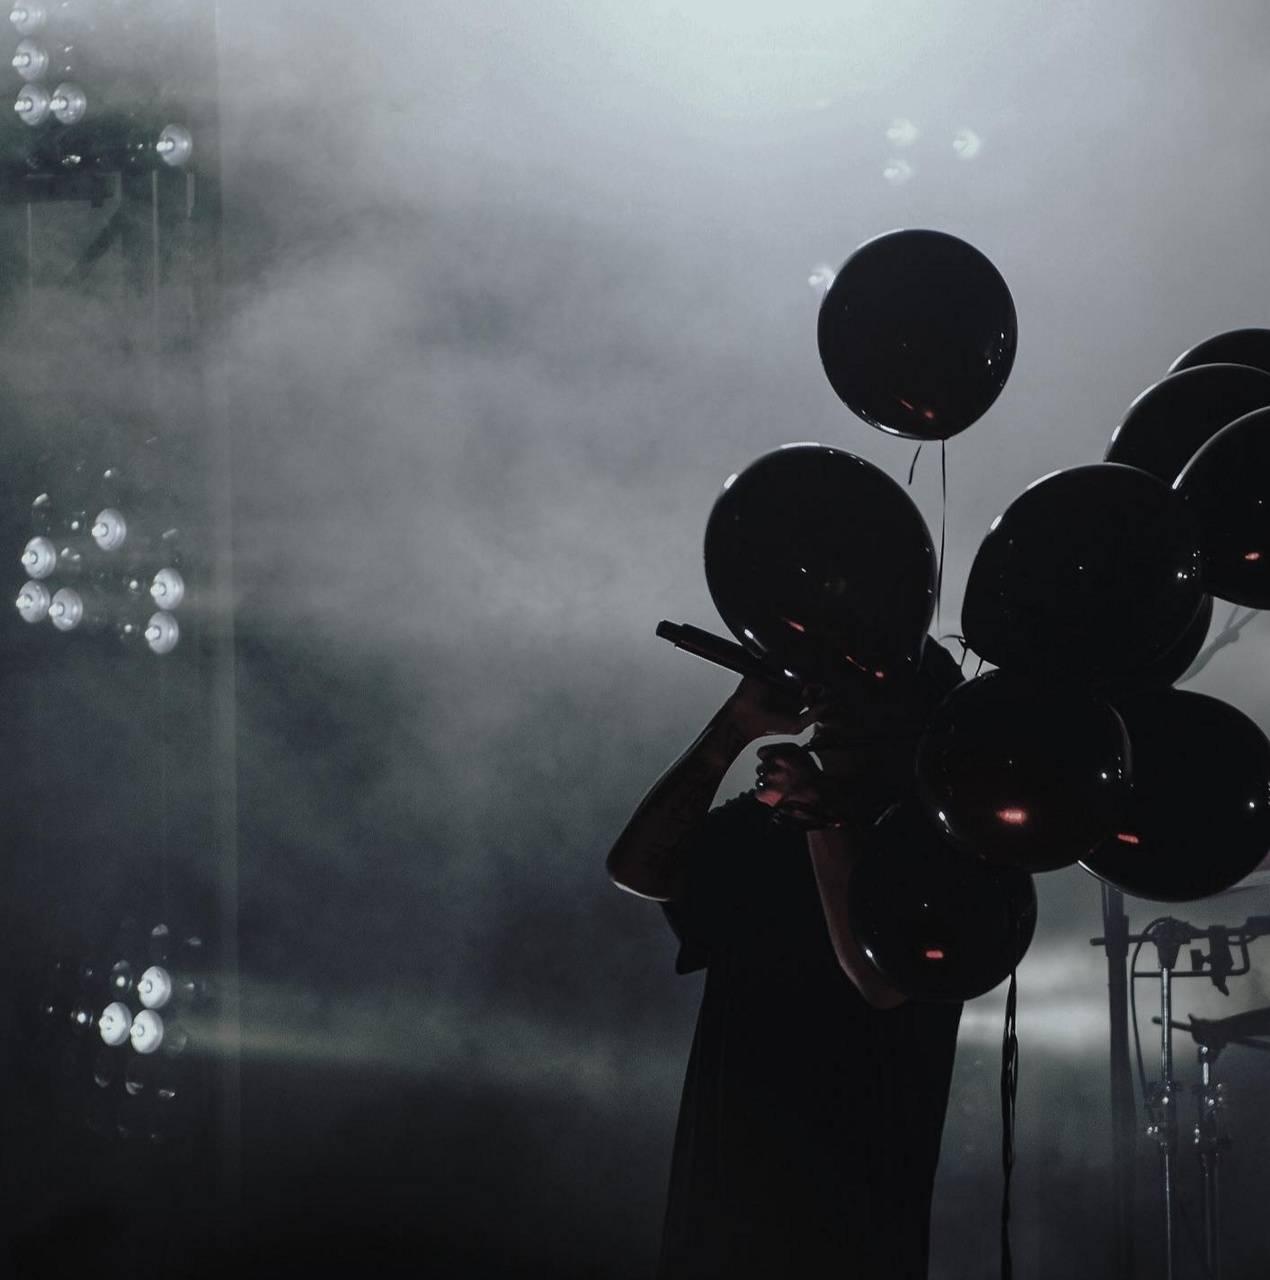 NF balloon